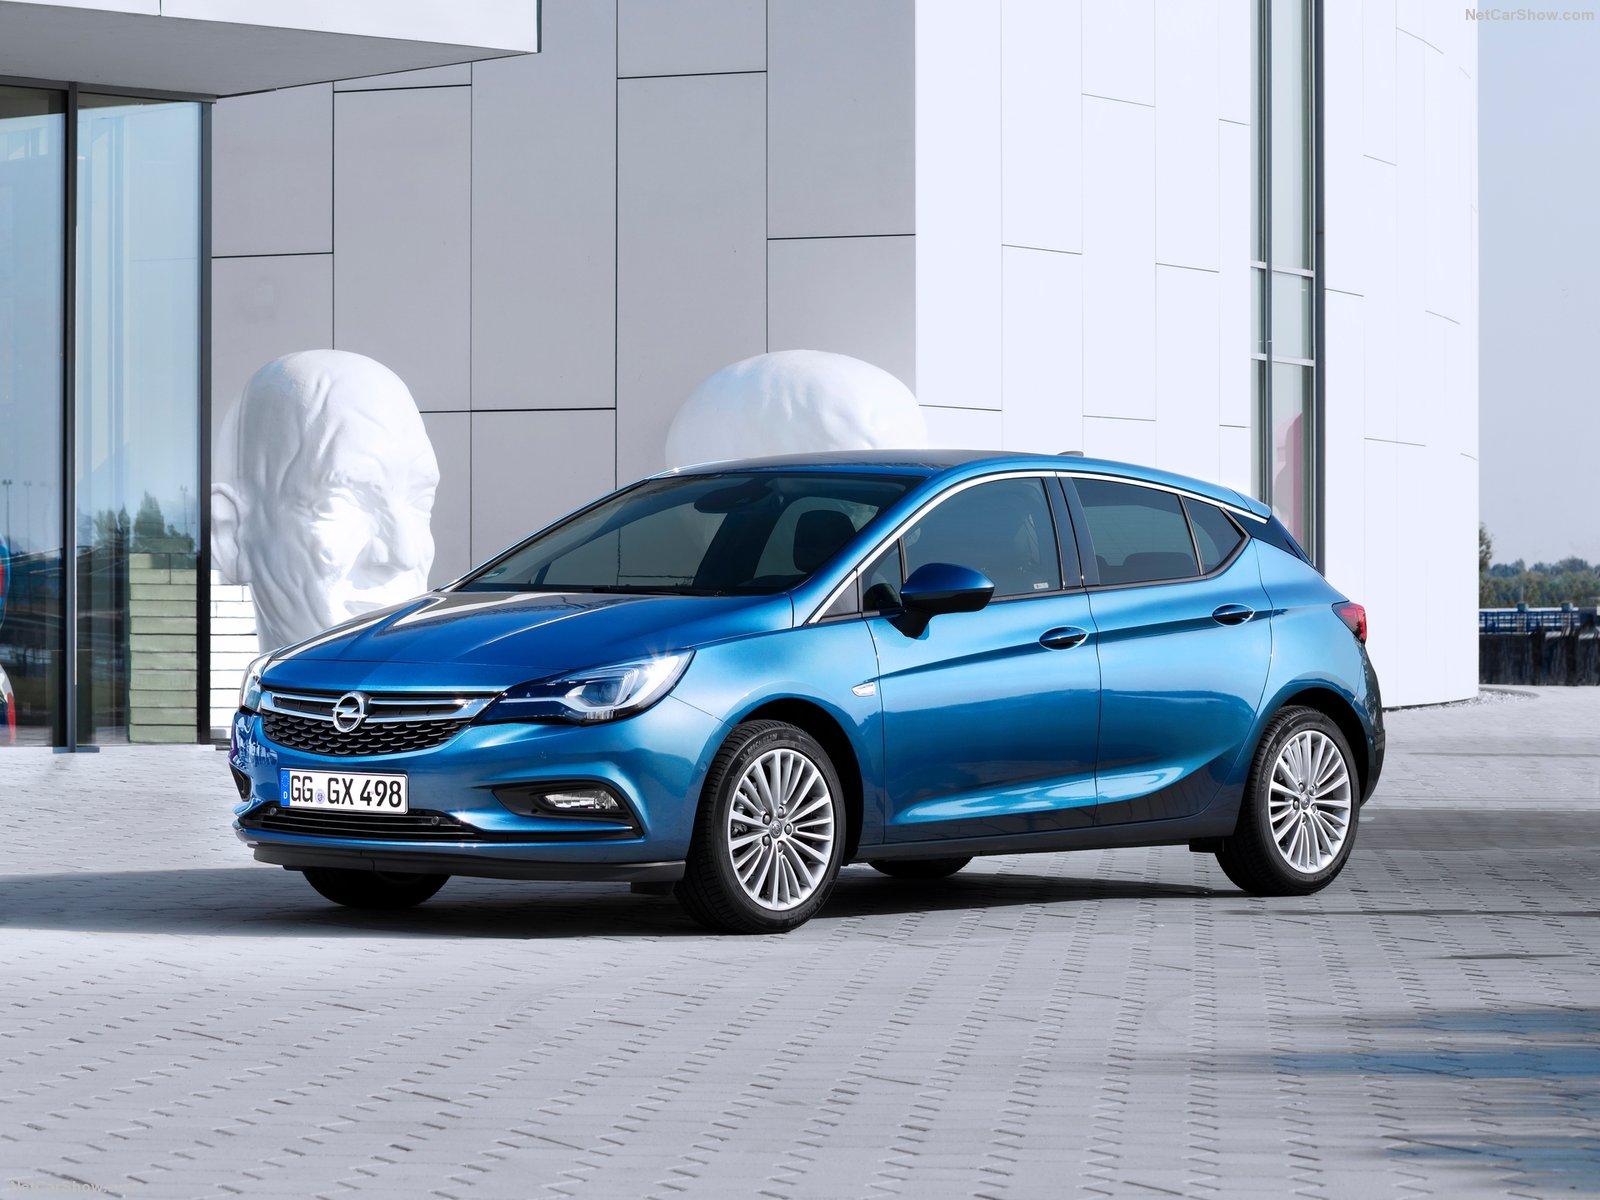 Опель Астра 2017 новый кузов, фото, цены, комплектации